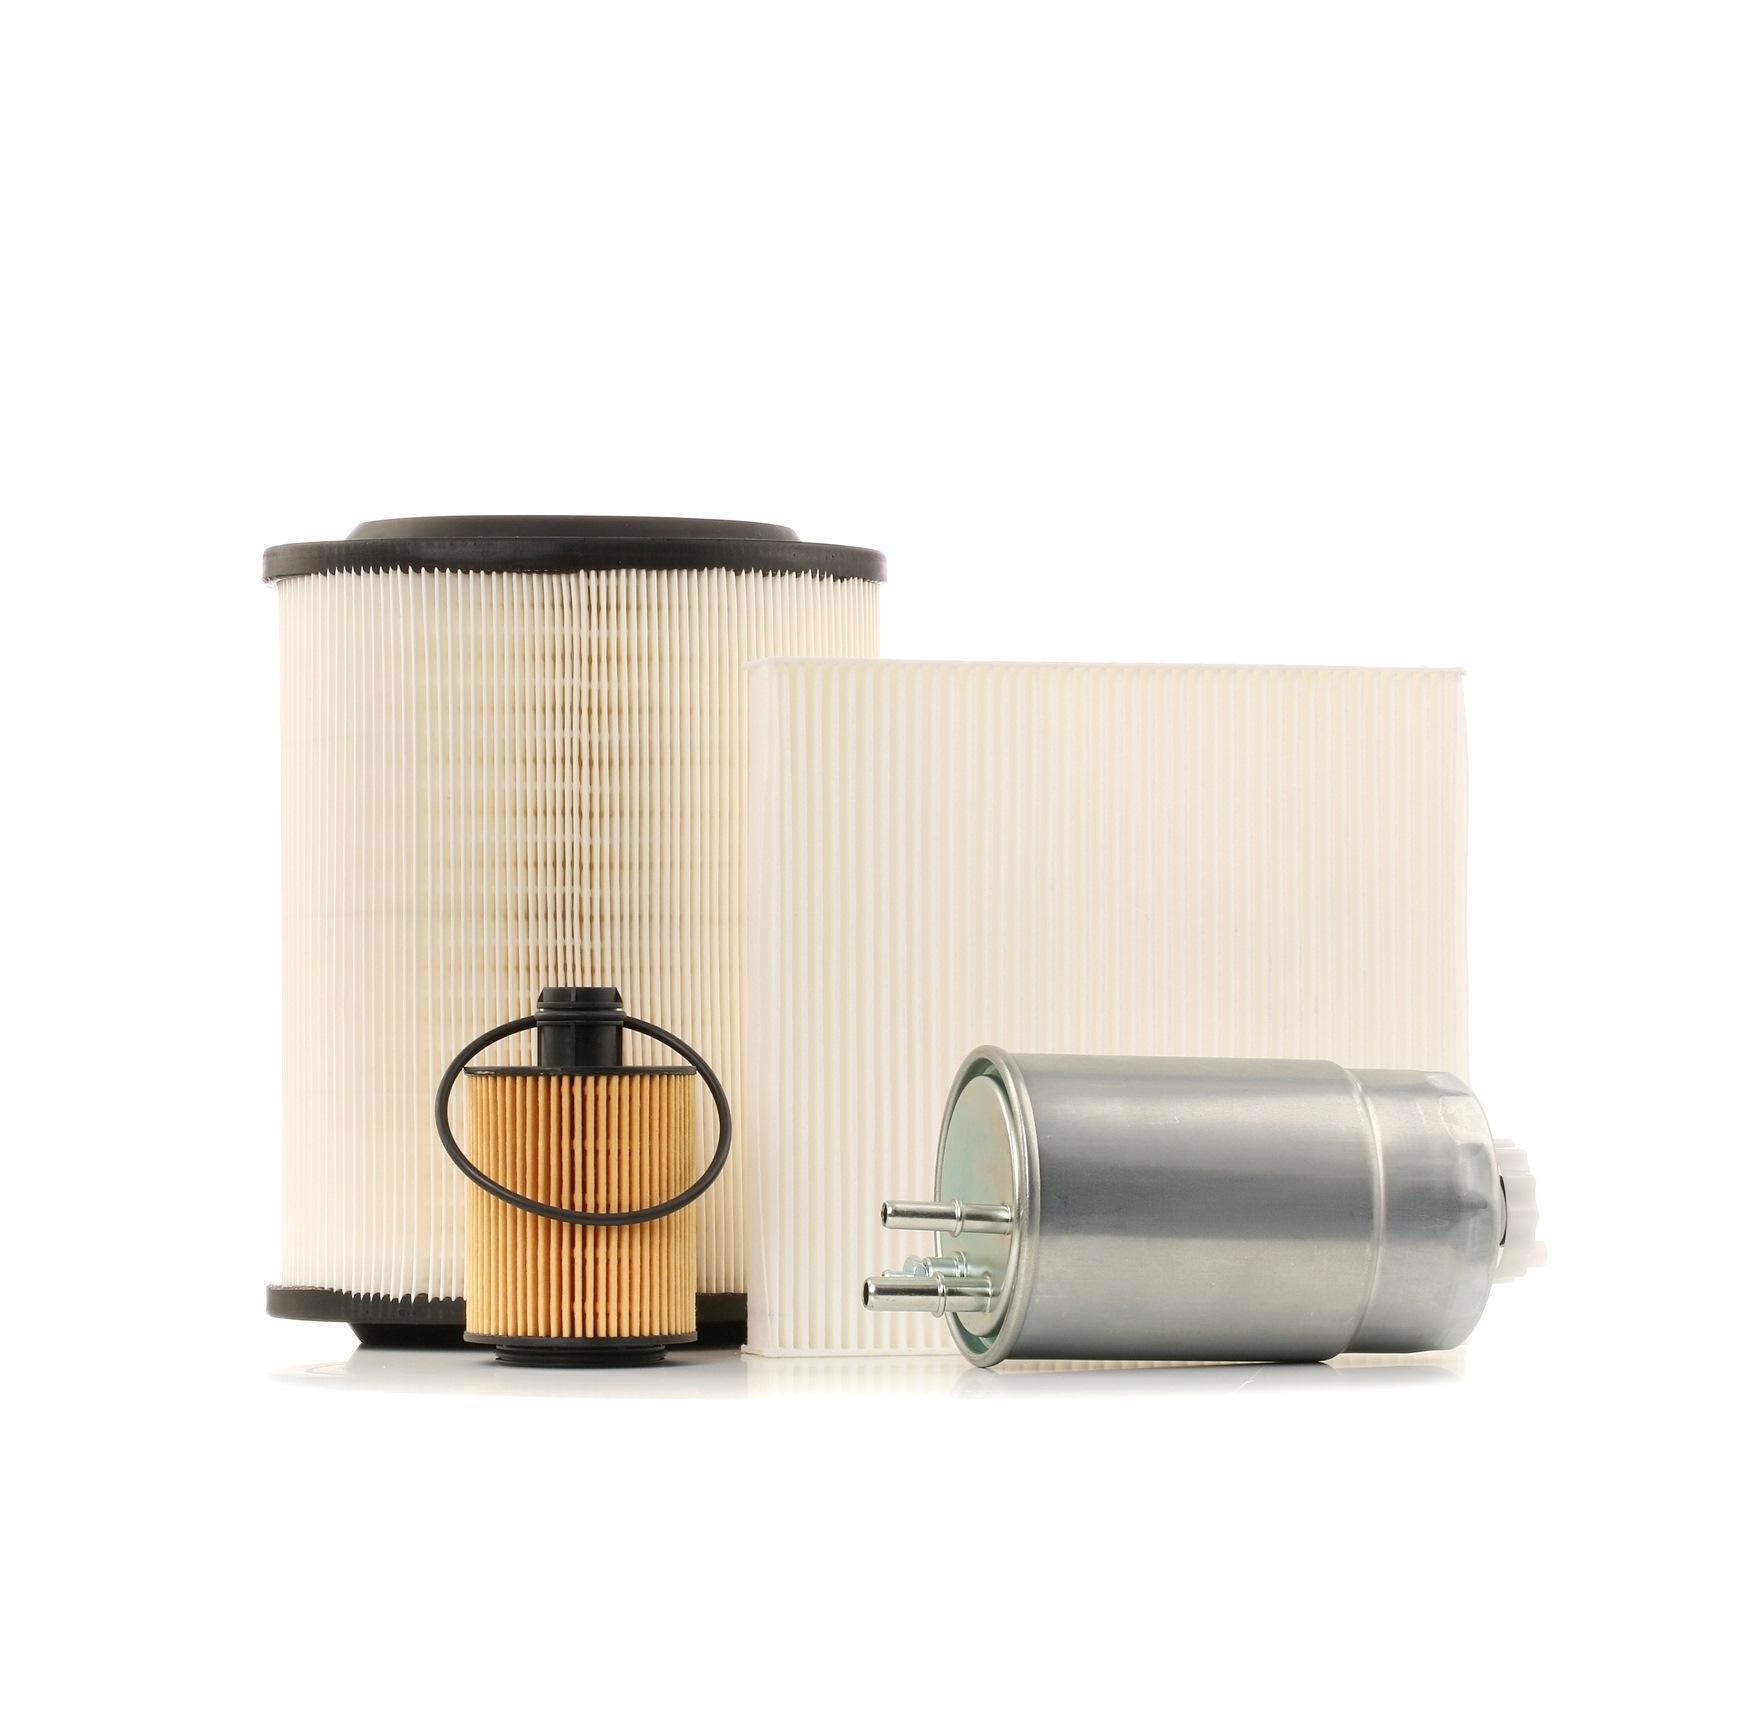 Kit tagliando 4055F0121 RIDEX — Solo ricambi nuovi